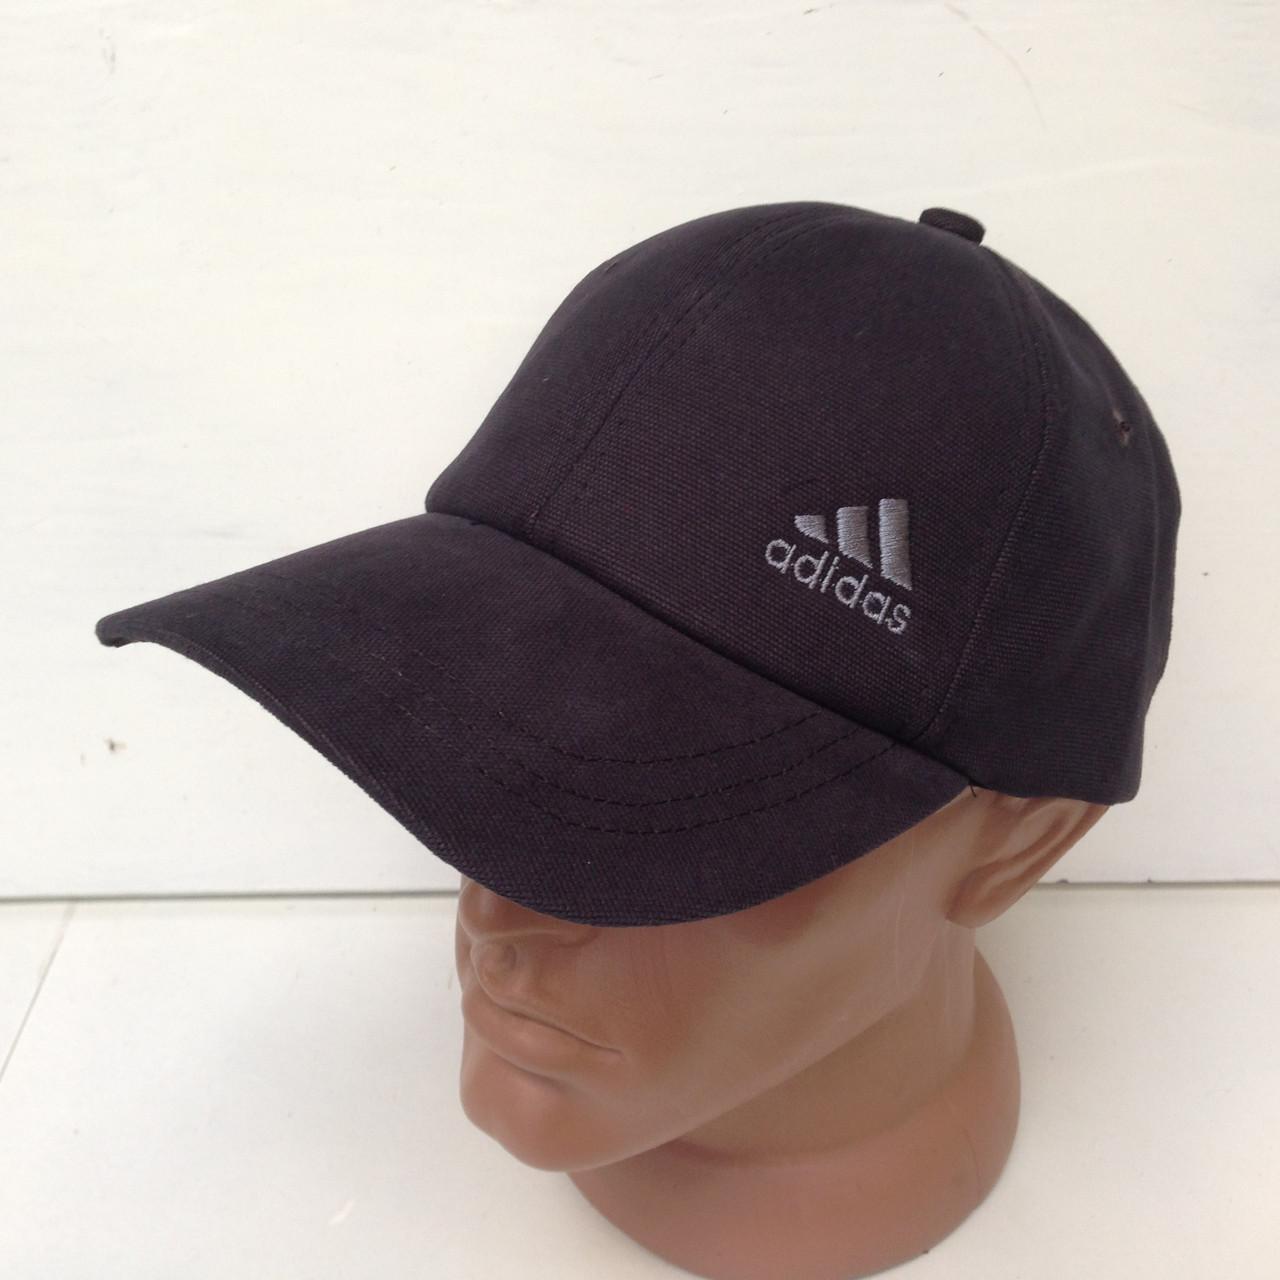 Кепка  Adidas мужская котоновая темно\серая, весна\осень, фото 1